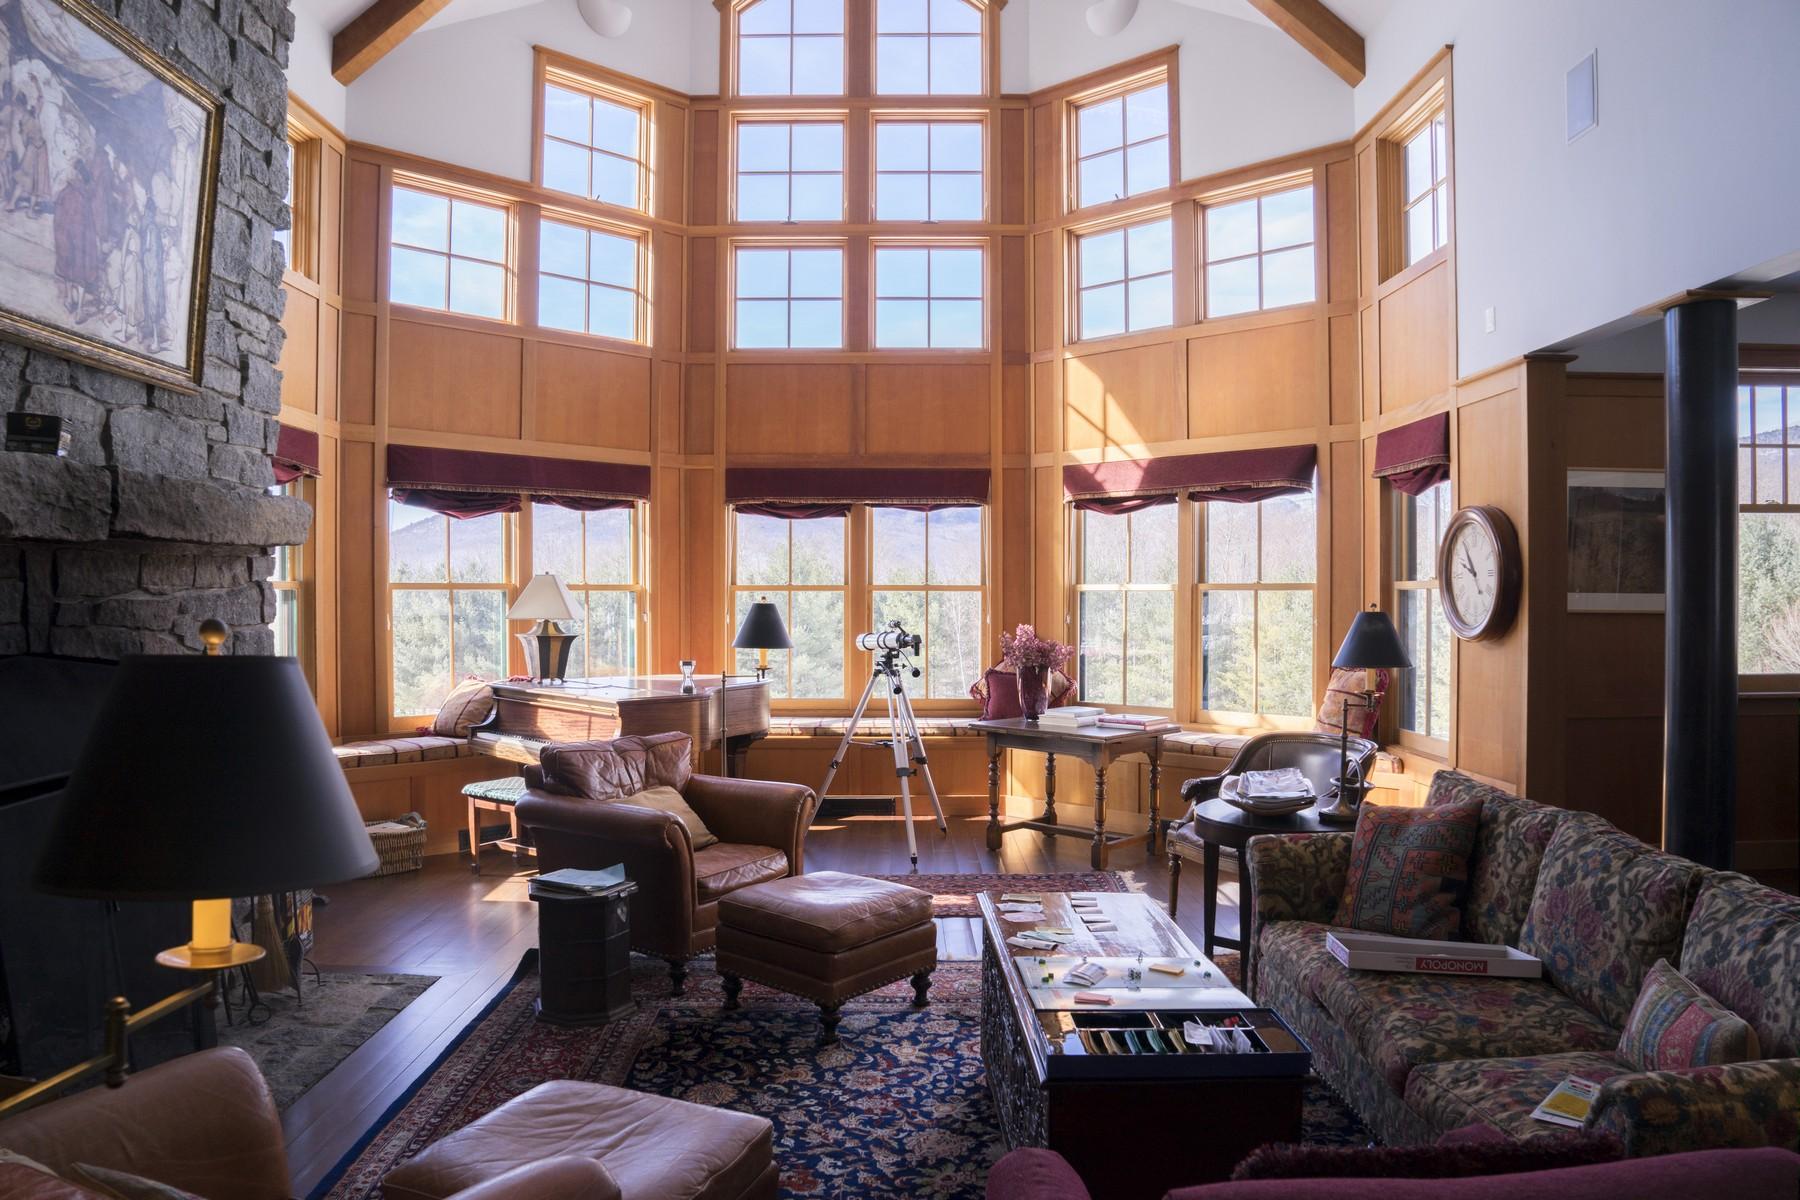 Maison unifamiliale pour l Vente à 111 Thomas Pasture Road, Stowe 111 Thomas Pasture Rd Stowe, Vermont, 05672 États-Unis